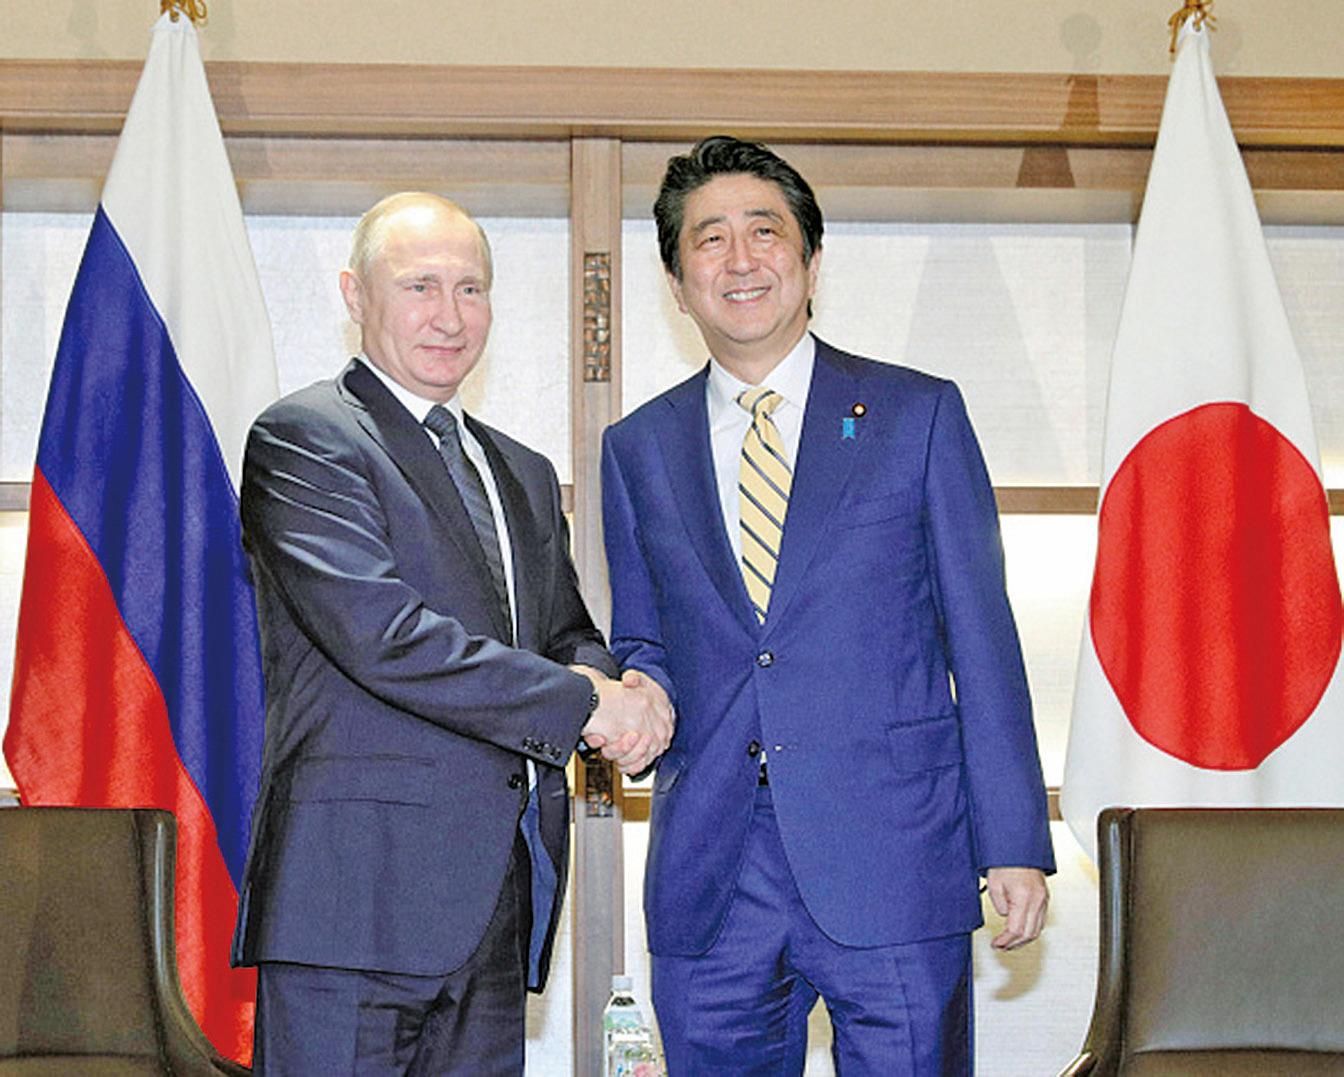 圖為2016年12月15日晚,日本首相安倍晉三與俄羅斯總統普京舉行會談,雙方就和平協議以及北方四島問題展開了約3個多小時會談。(Getty Images)